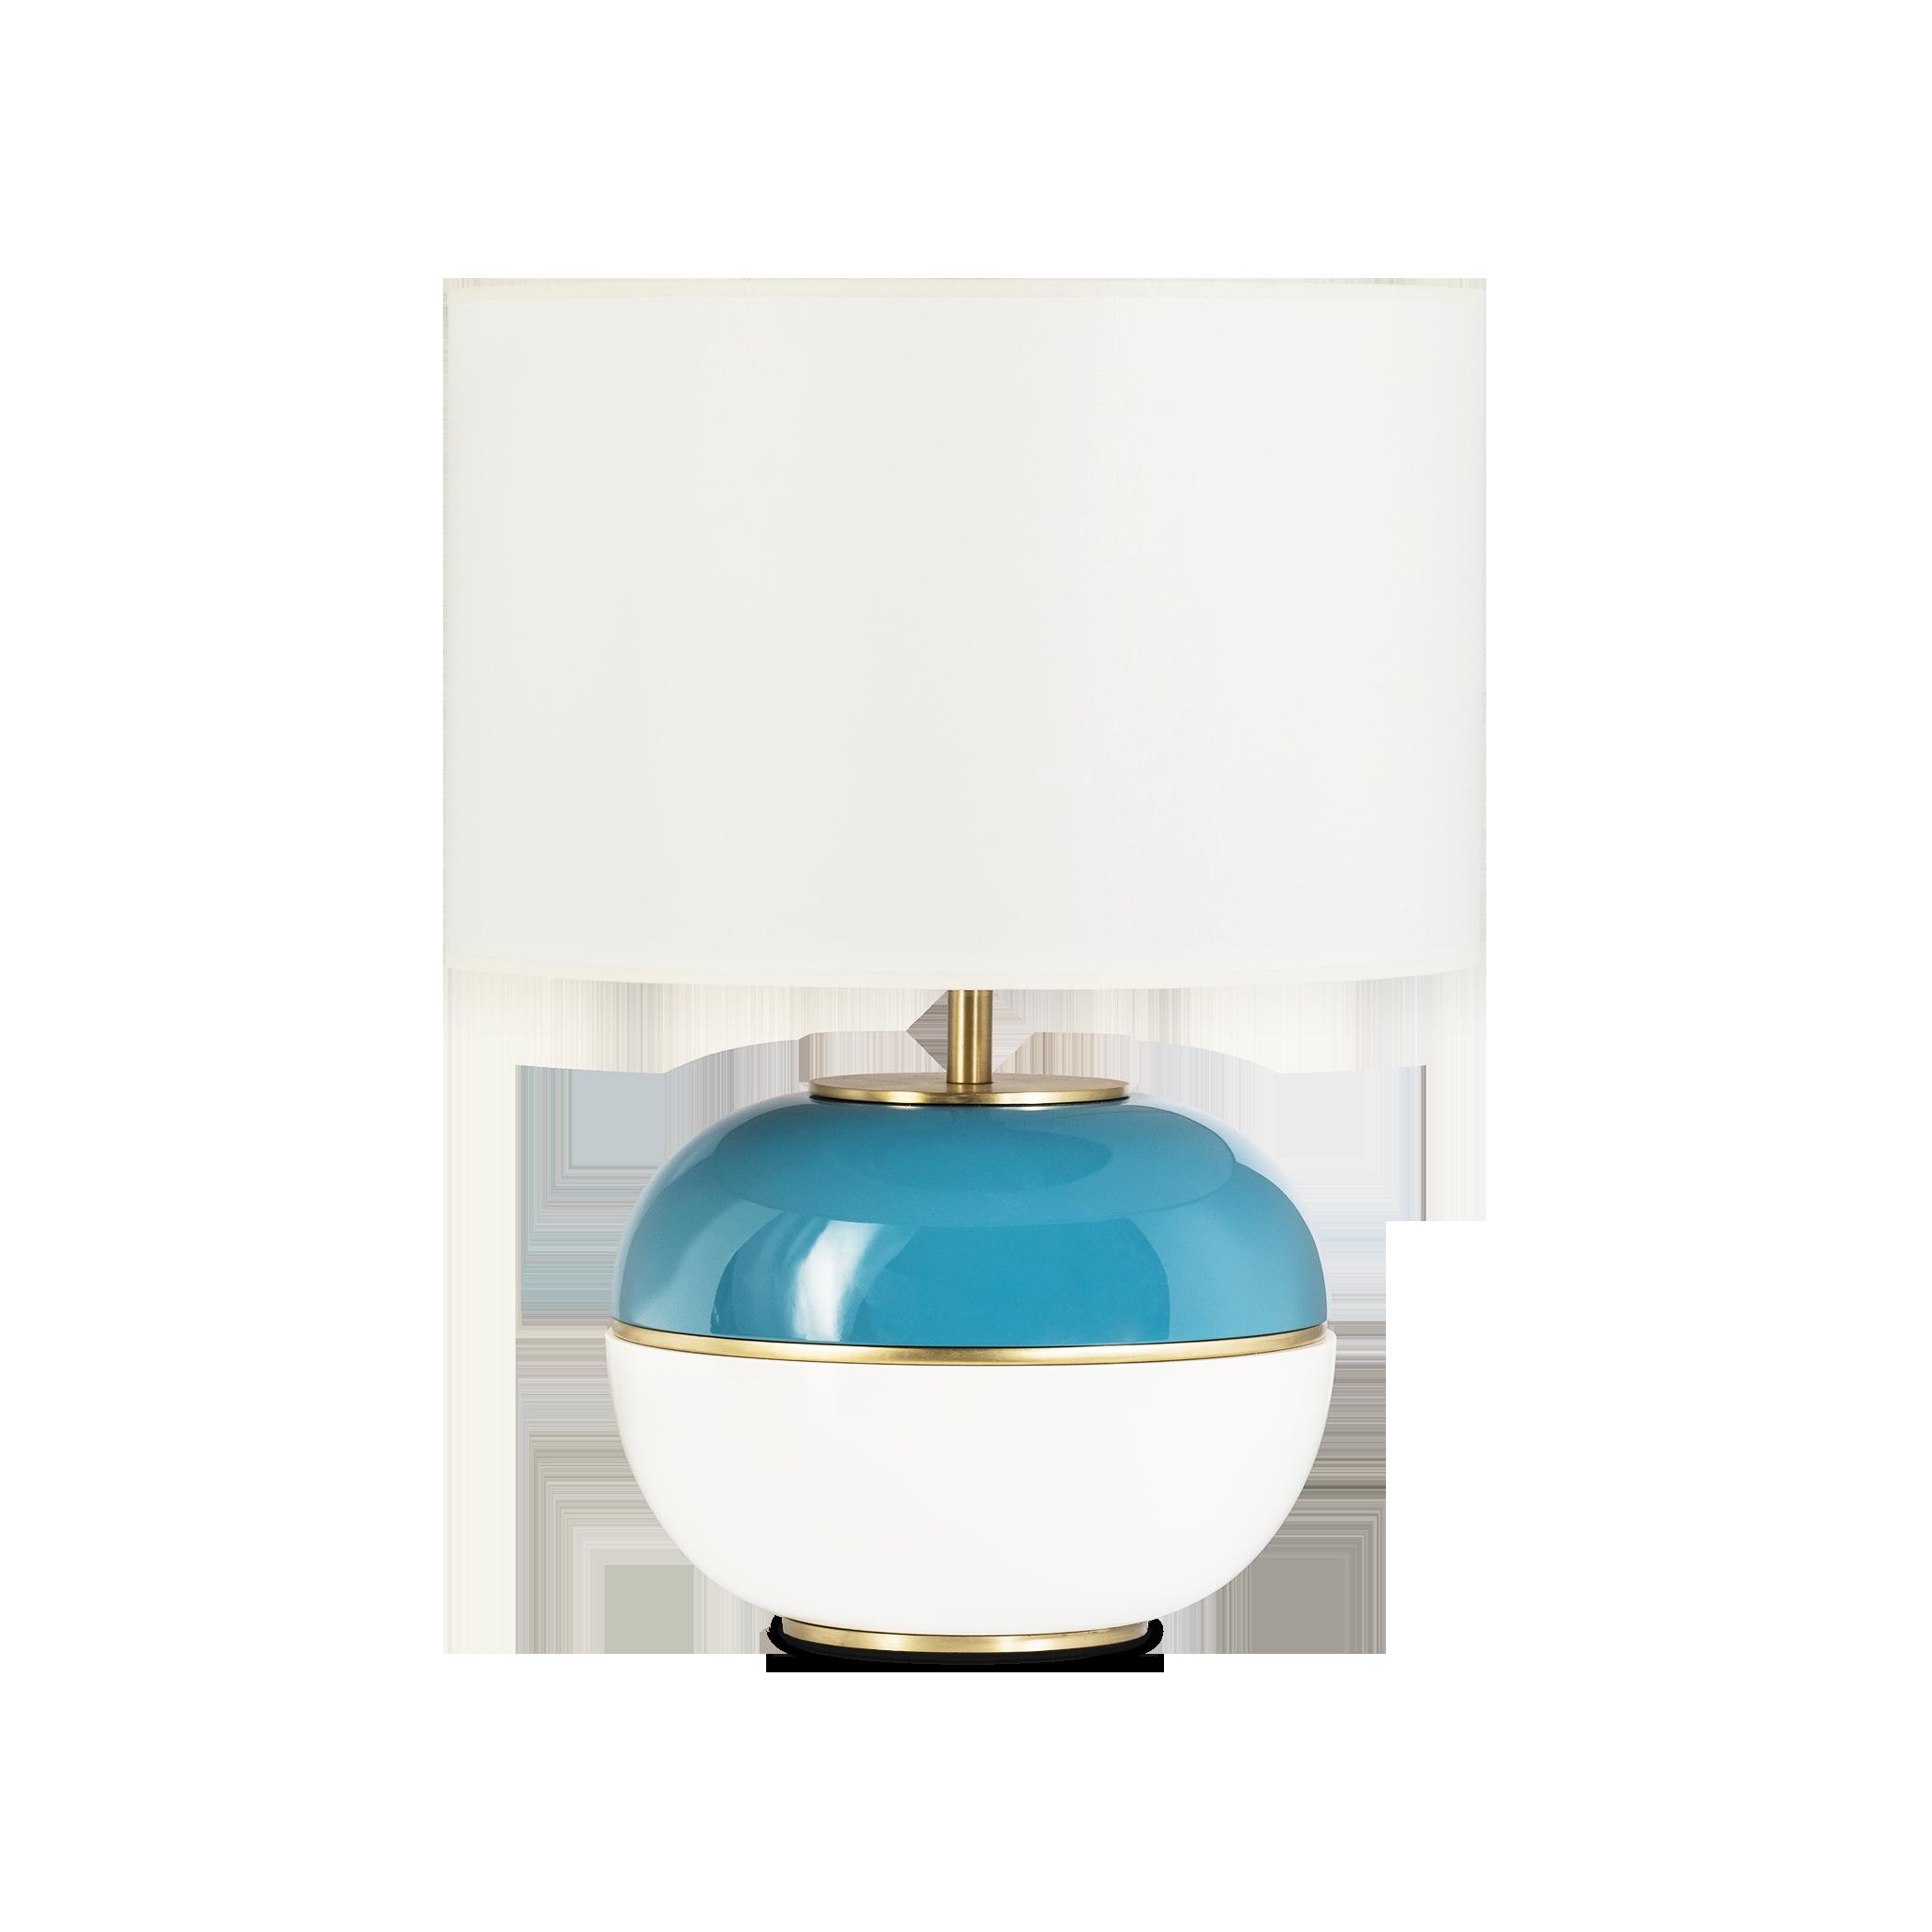 Настольная лампа Any-Home SN026 - SN026 | AnyHome.ru